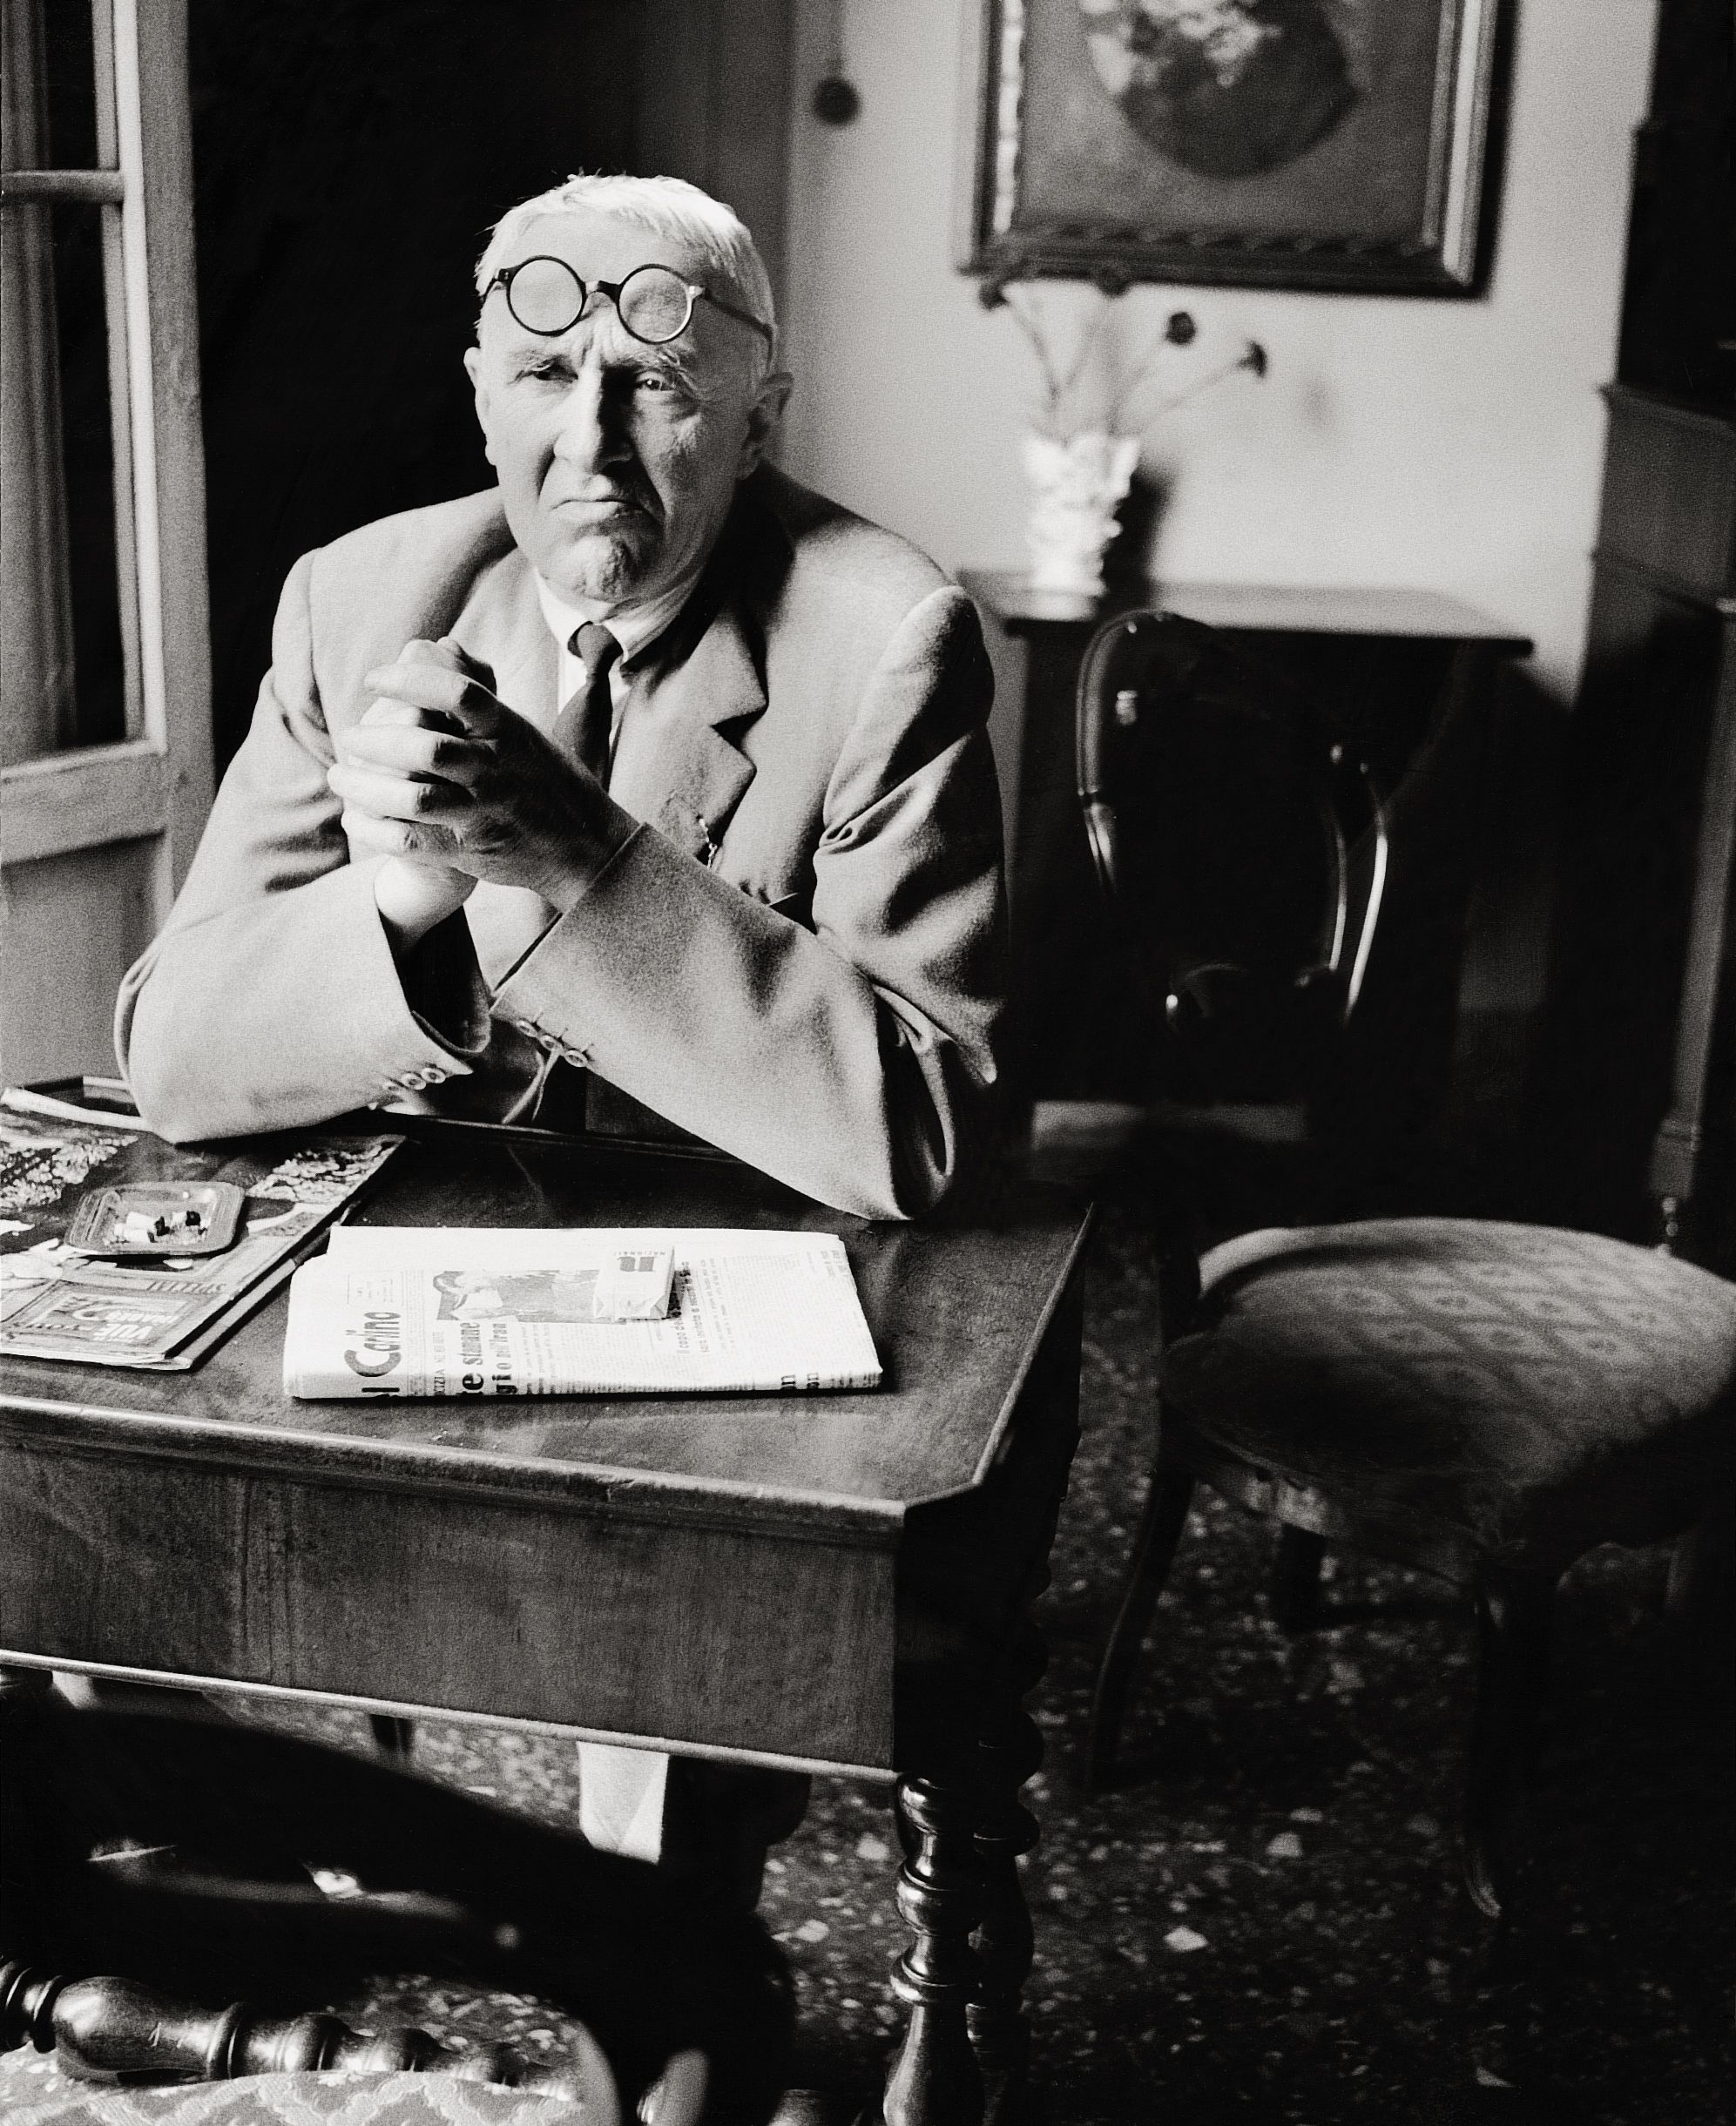 Riscoprire le opere di Giorgio Morandi per capire l'arte